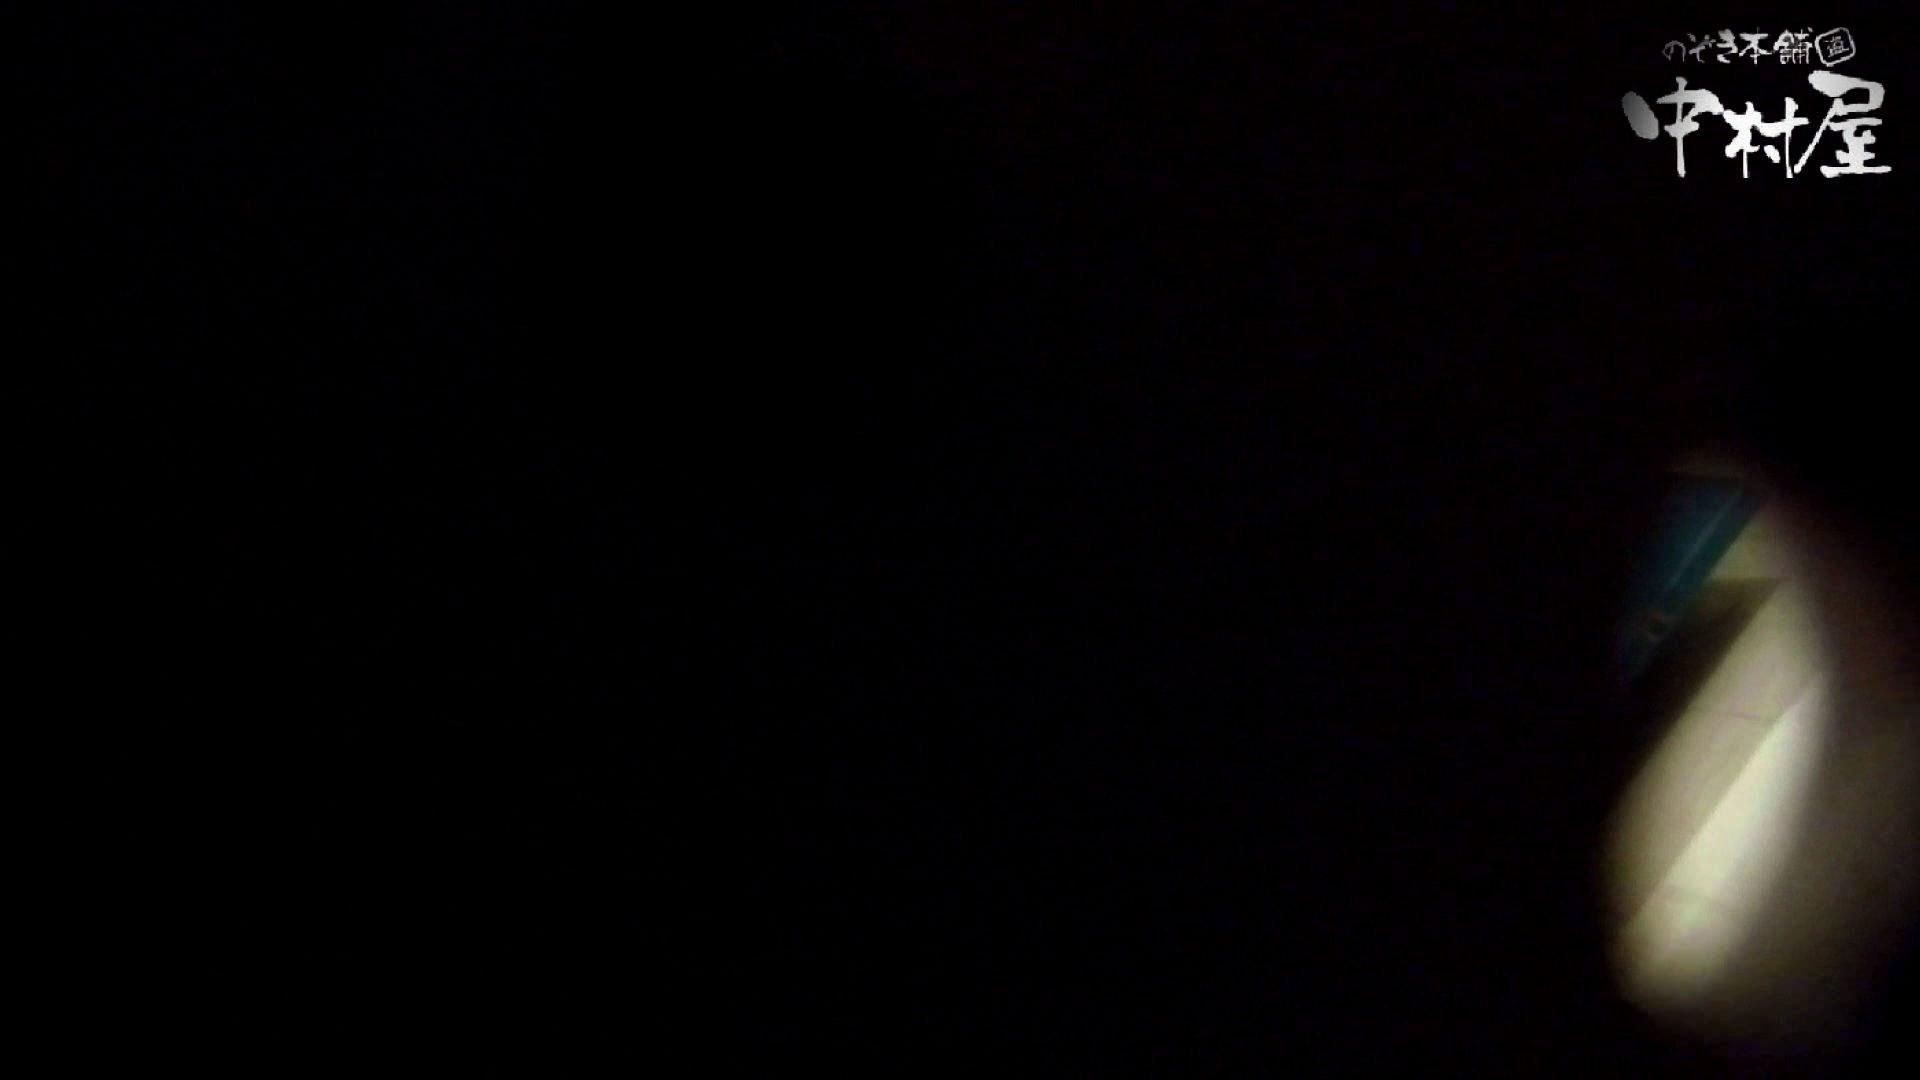 【世界の射窓から】世界の射窓から vol.7 0  23連発 12